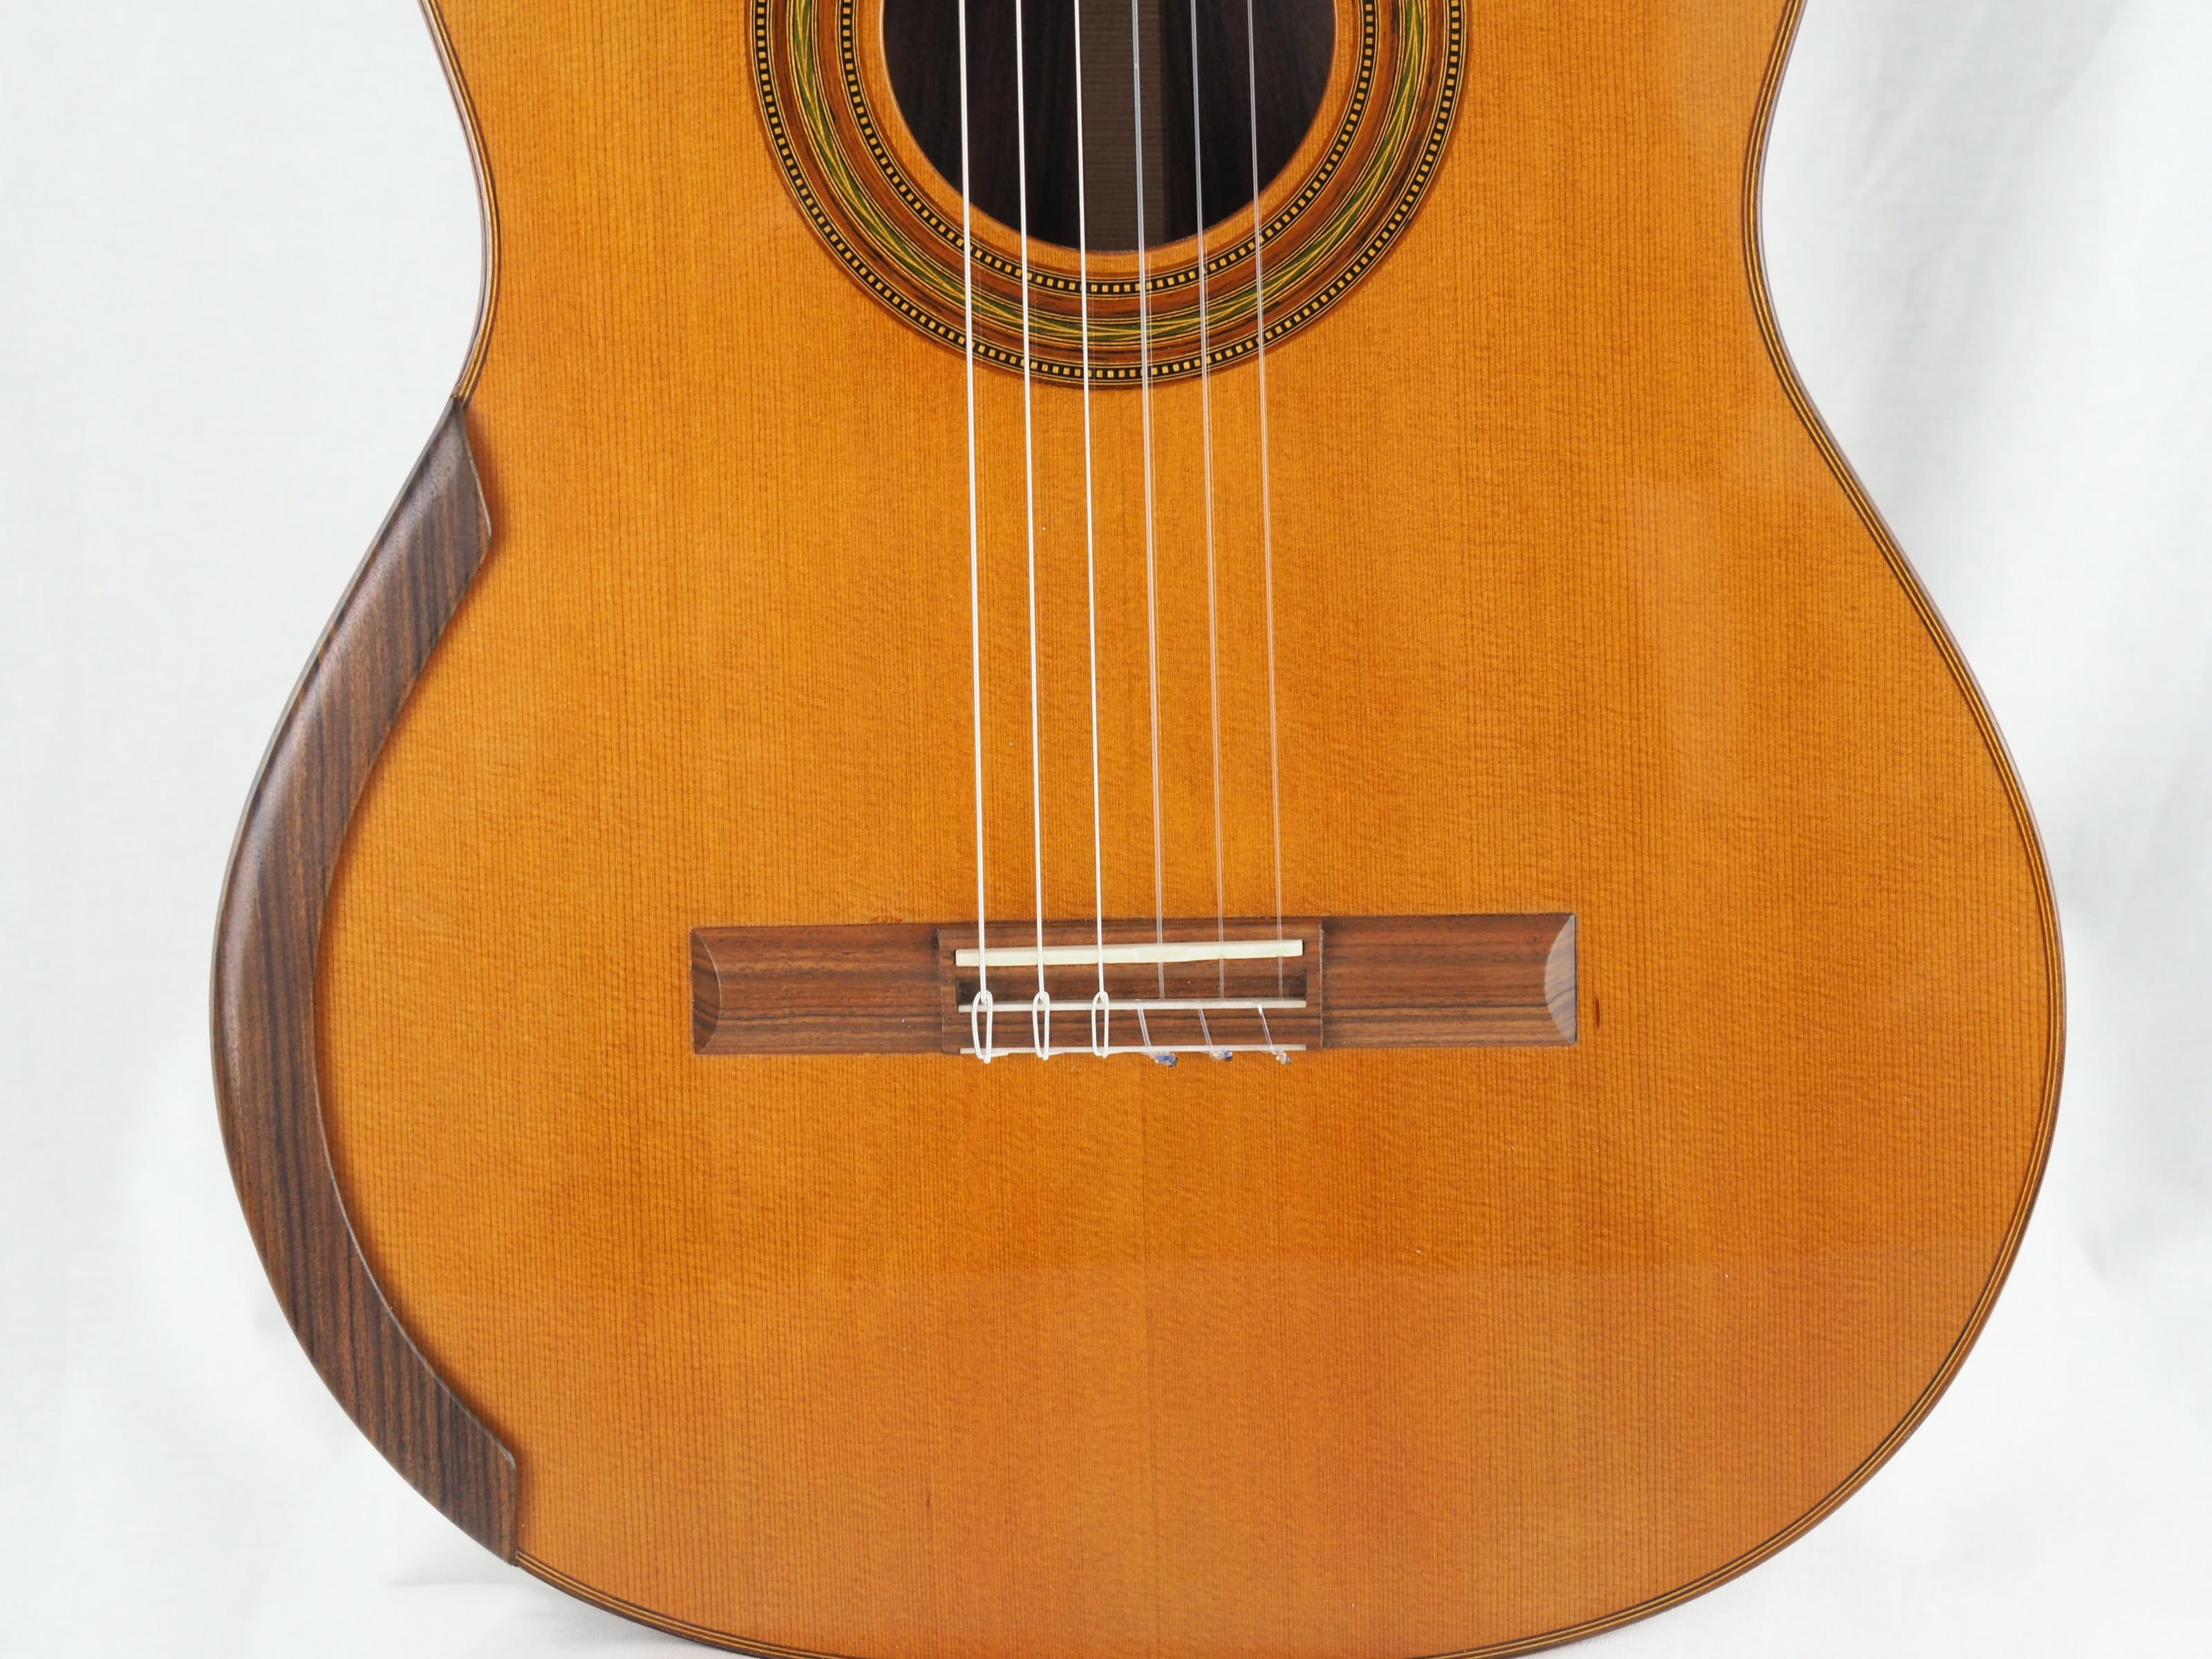 Stanislaw Partyka luthier guitare classique 2019 19PAR019-08